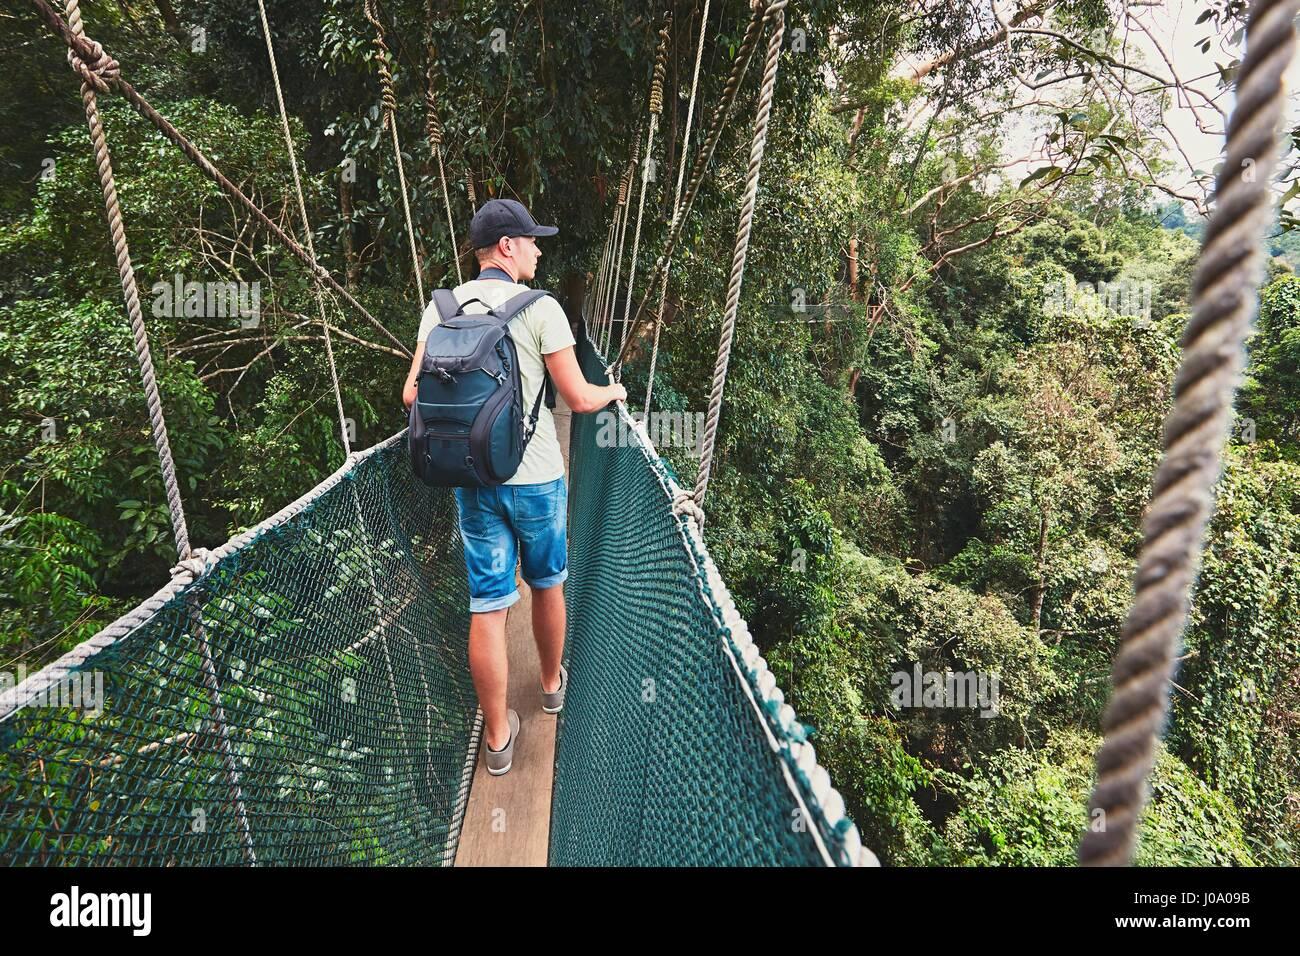 Tourisme La passerelle surélevée sur la cime des arbres, dans les forêts tropicales - Bornéo, Photo Stock